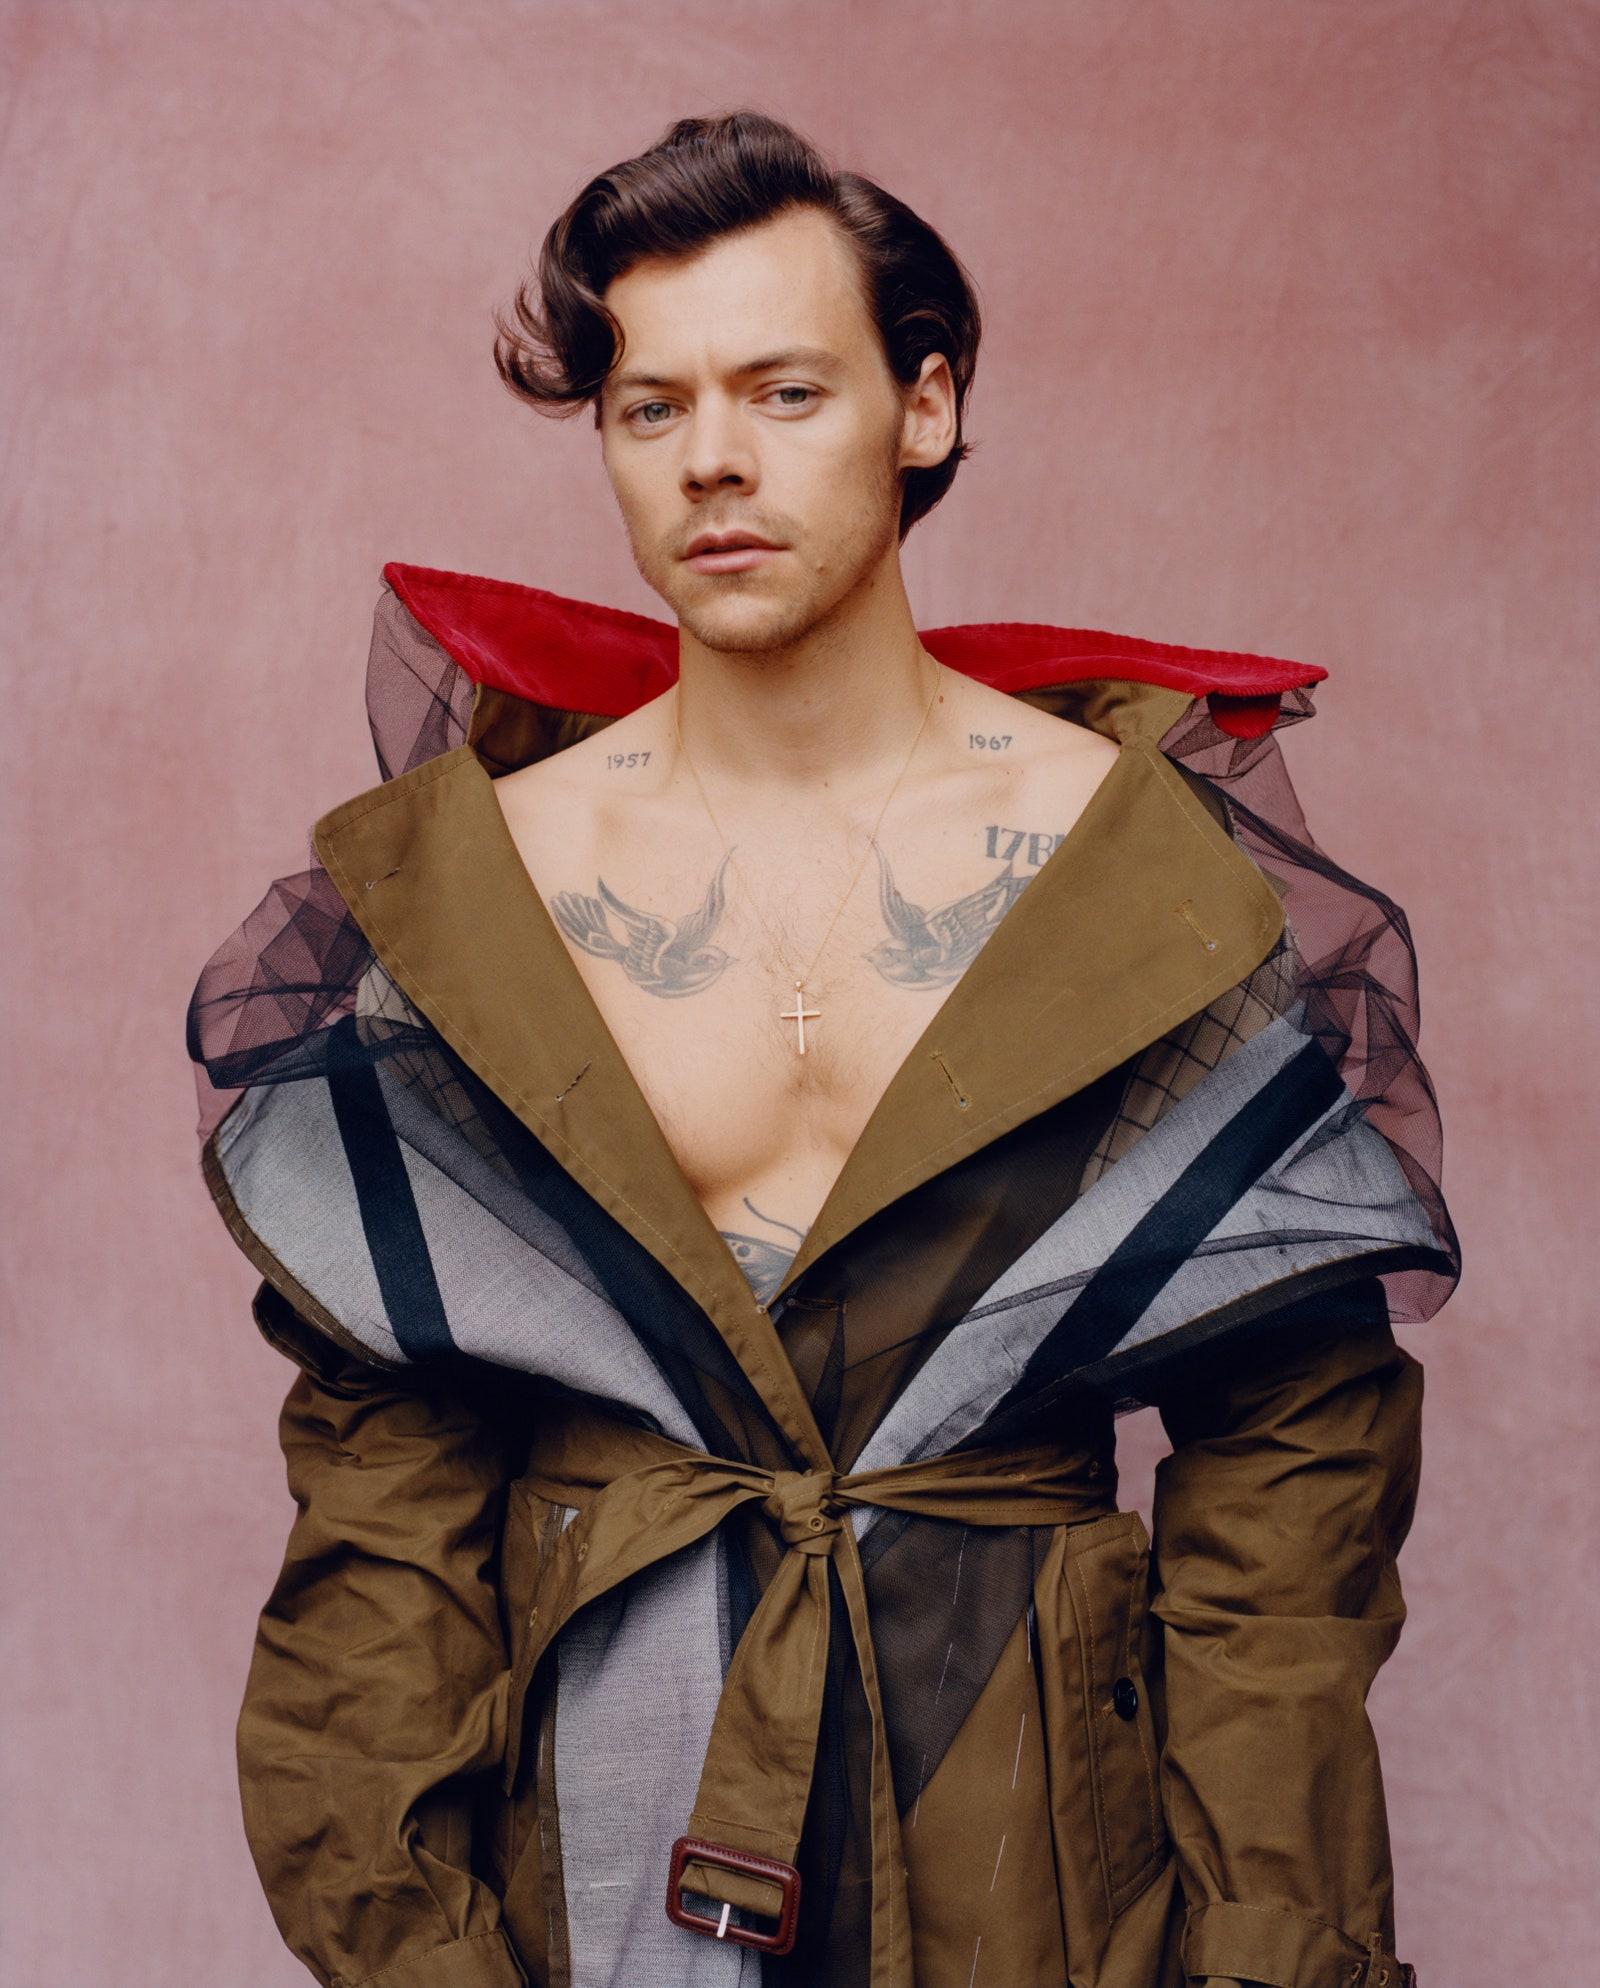 Хари Стайлс Не ни писва нито да го гледаме, нито да го слушаме, нито да пишем за него. Еманация на модерния мъж, типичен Водолей, заслужена корица на Vogue, so golden...